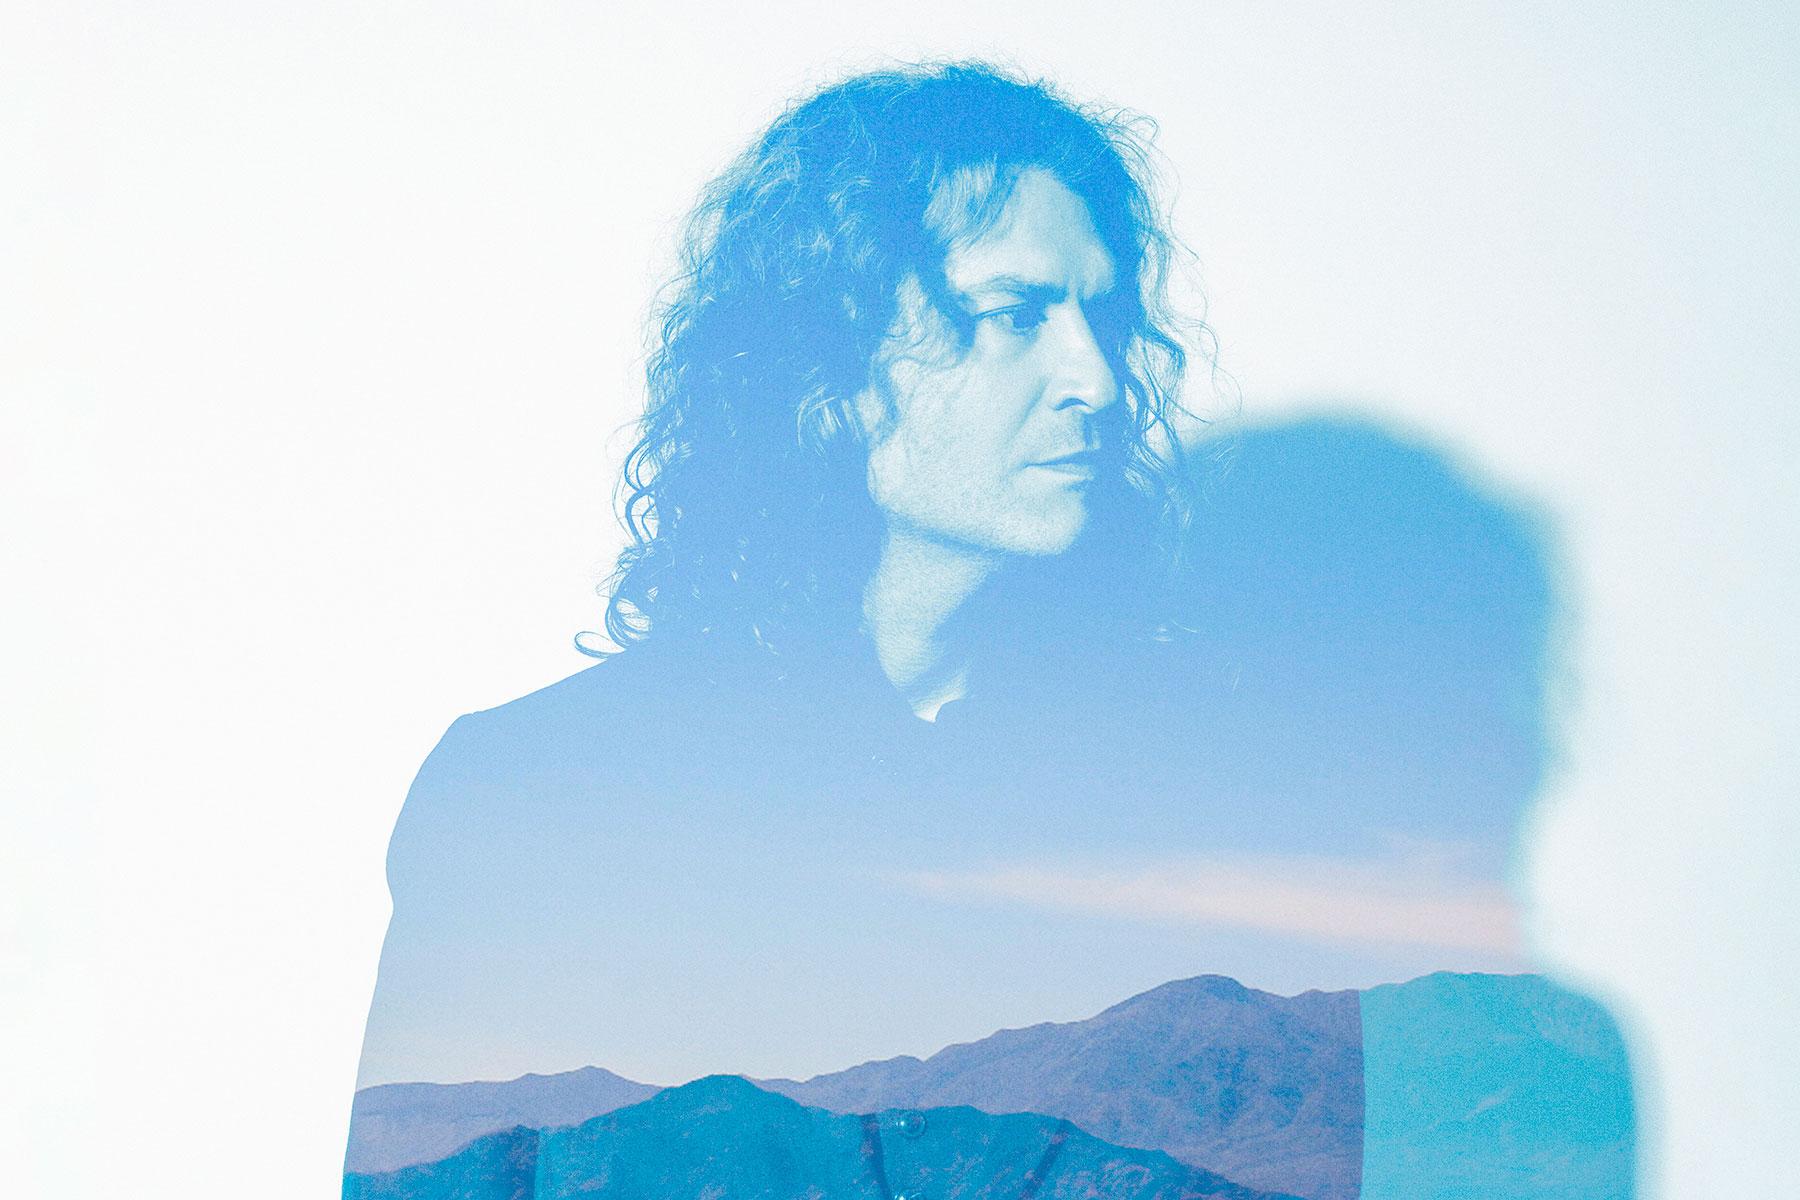 In attesa del nuovo album della band Dave sta per pubblicare il suo secondo solista